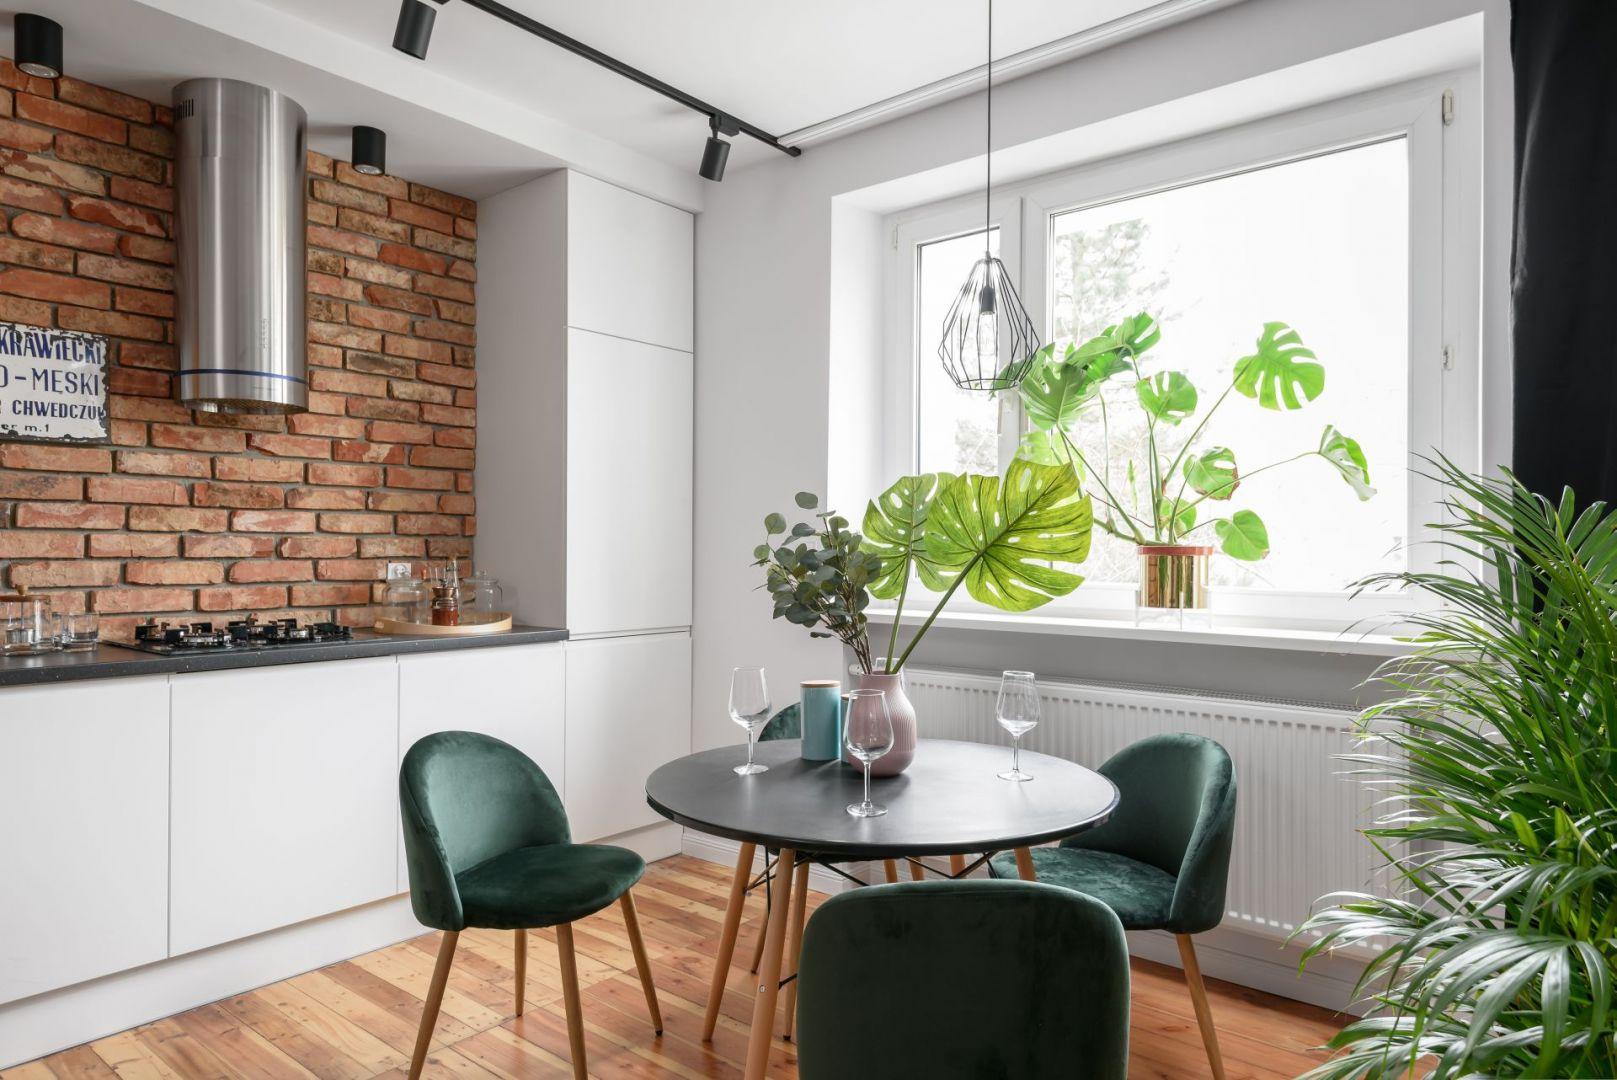 Połączenie salonu z kuchnią i jadalnią to coraz częstszy zabieg, na który decydują się zarówno właściciele nowych mieszkań, jak i osoby, które na co dzień mieszkają w starym budownictwie. Projekt Magdalena i Robert Scheitza, pracownia SHLTR Architekci